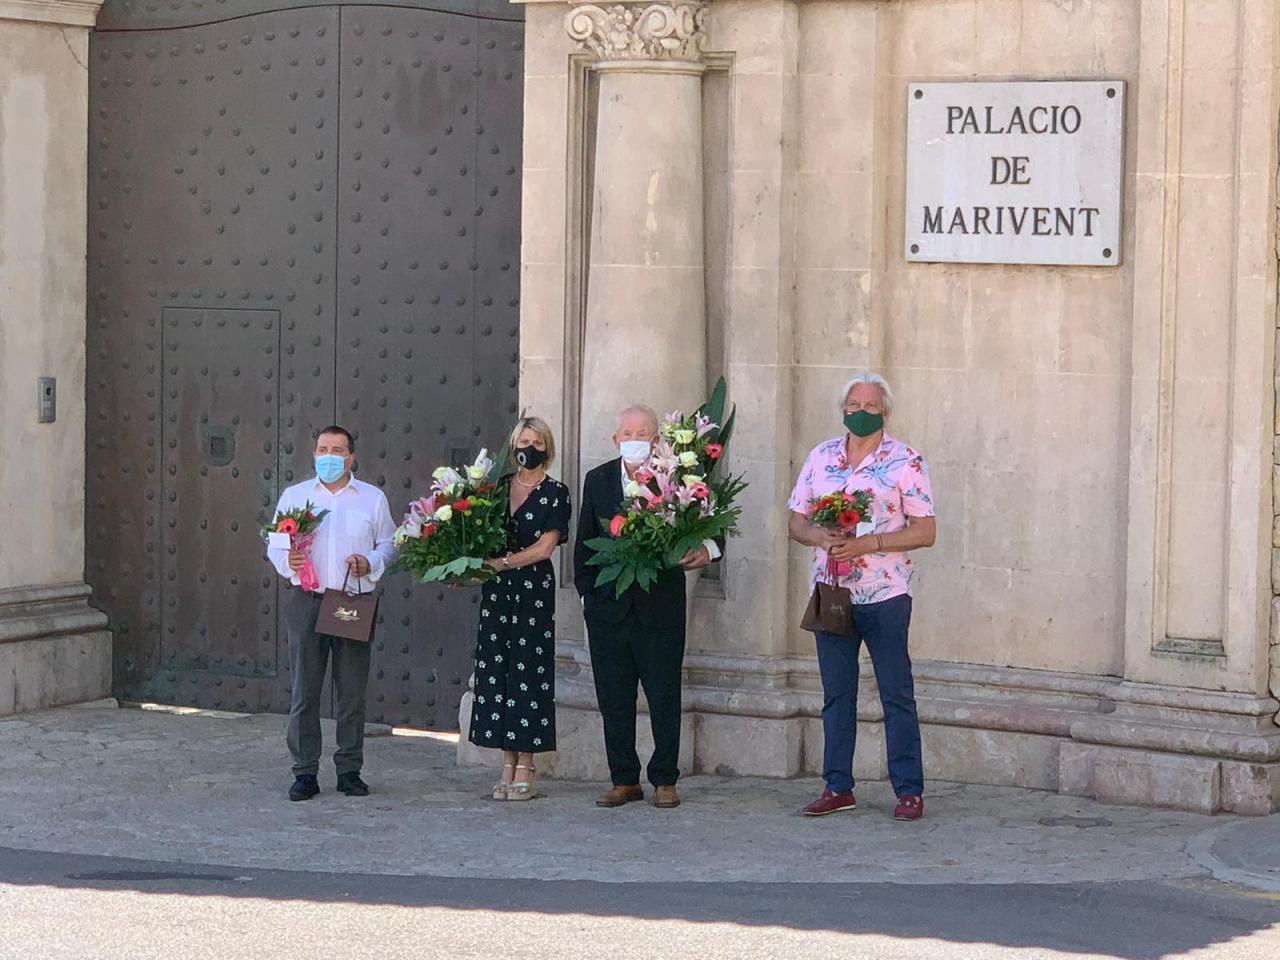 Association In Defence of Cala Major & Sant Agustí deliver flowers.